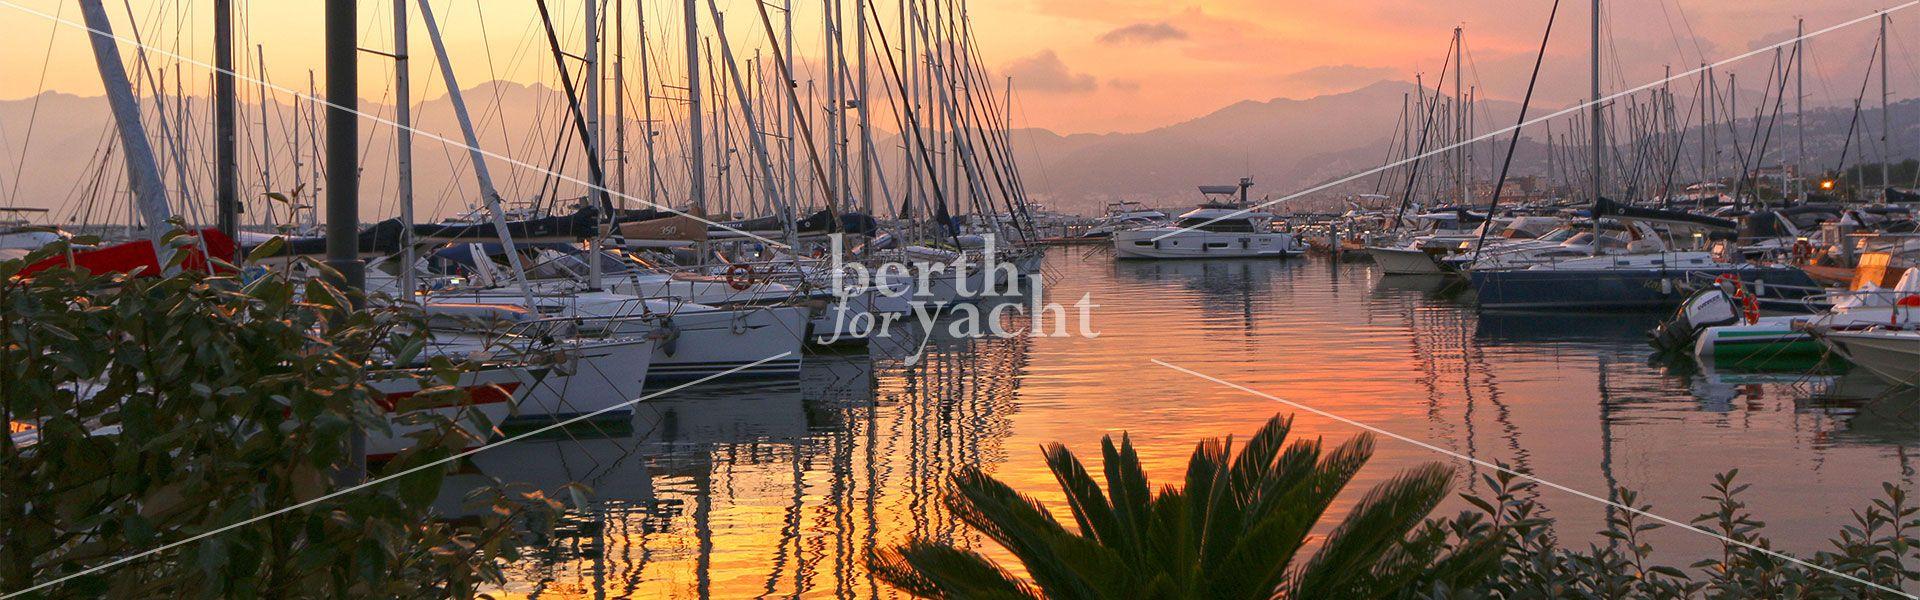 Berths for sale in Antibes, Golfe Juan, Mandelieu, Cap d'Ail